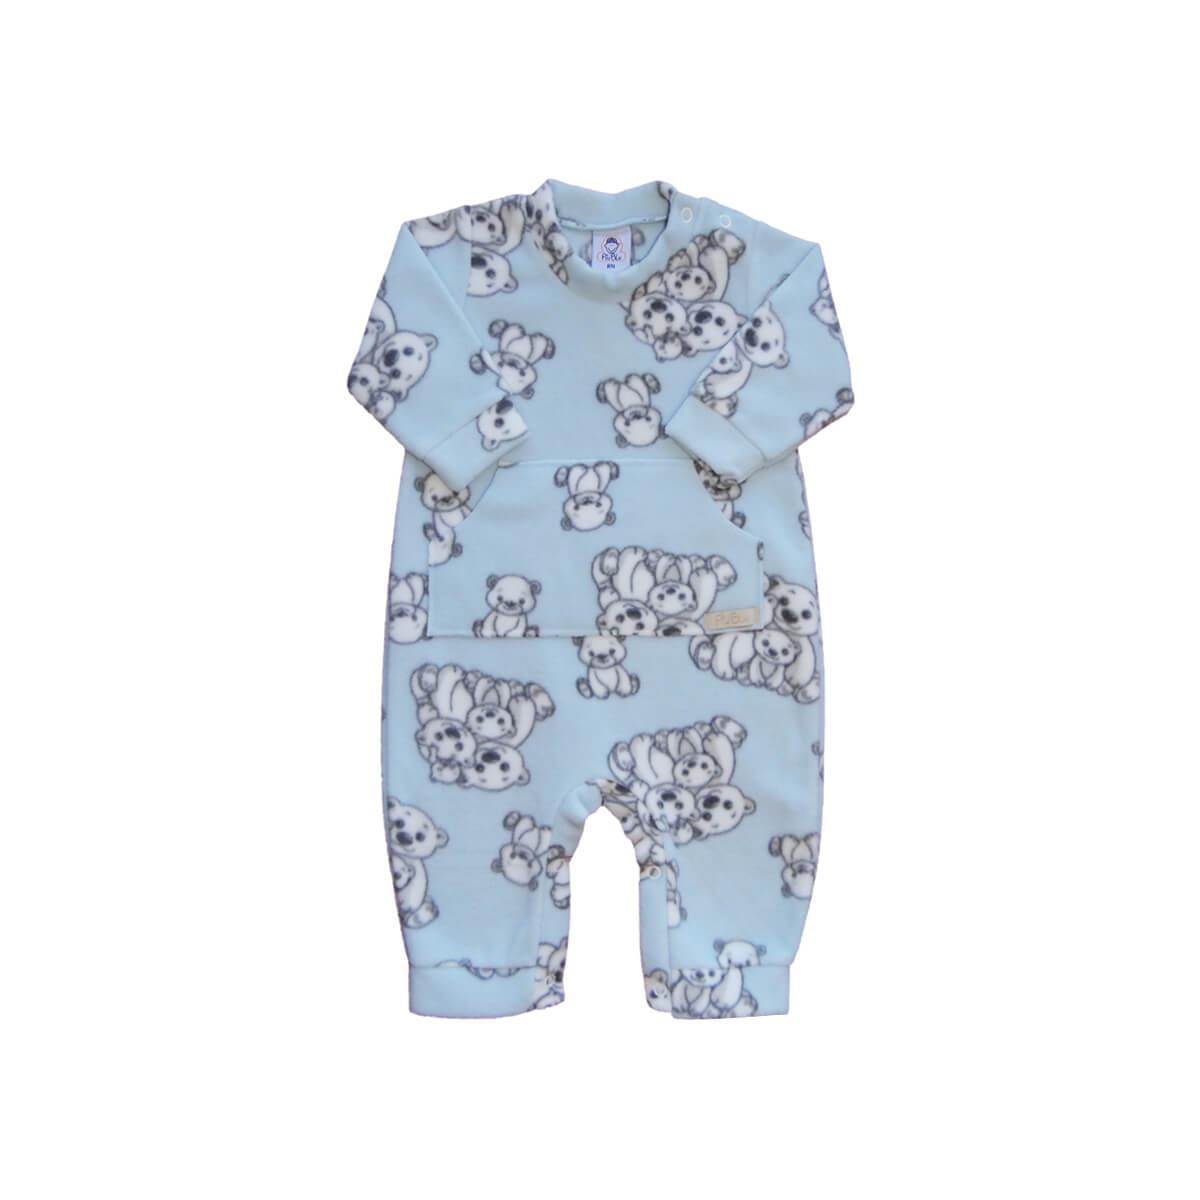 Macacão Soft Ursos Azul Soft  - Piu Blu